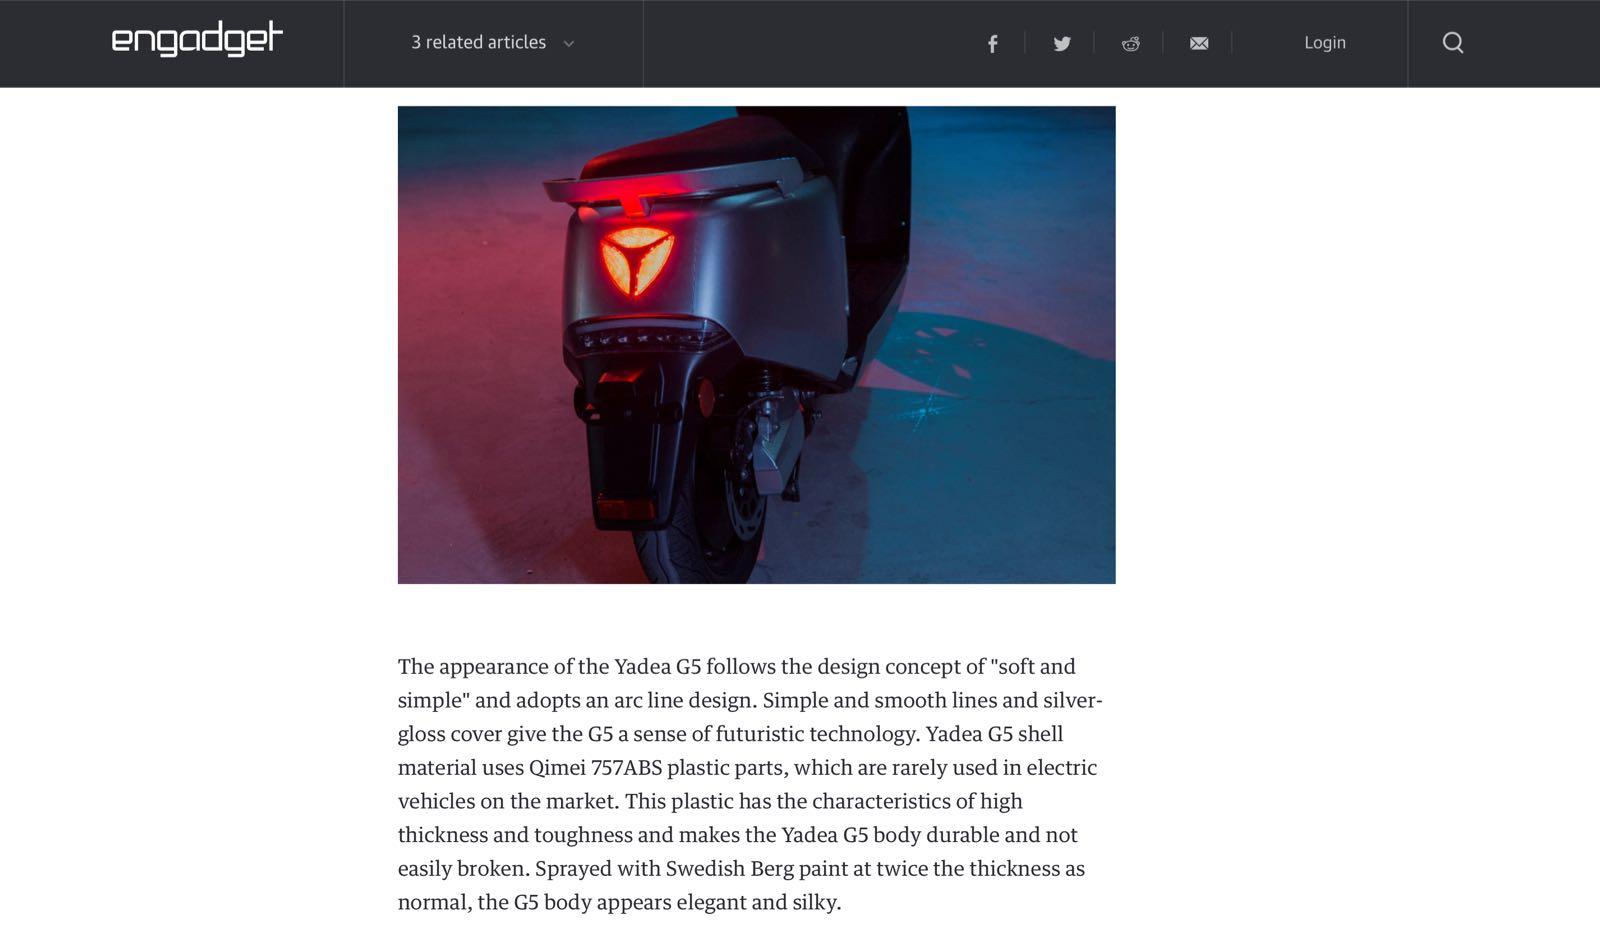 雅迪G5引起美国科技媒体热评